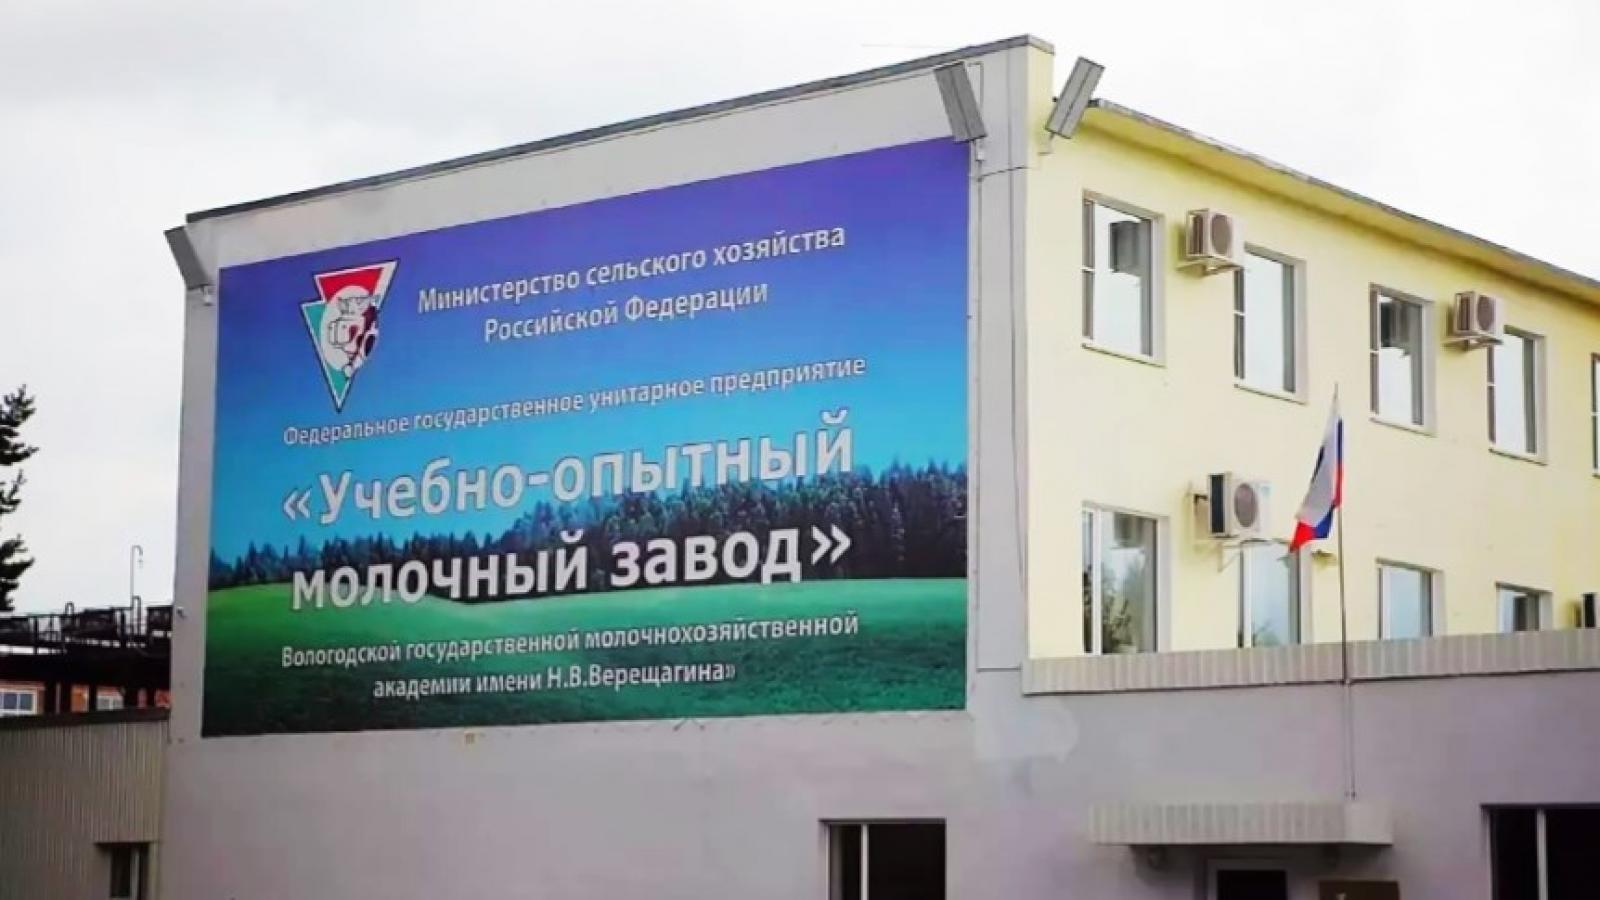 Учебно-опытный завод ВГМХА ликвидируют